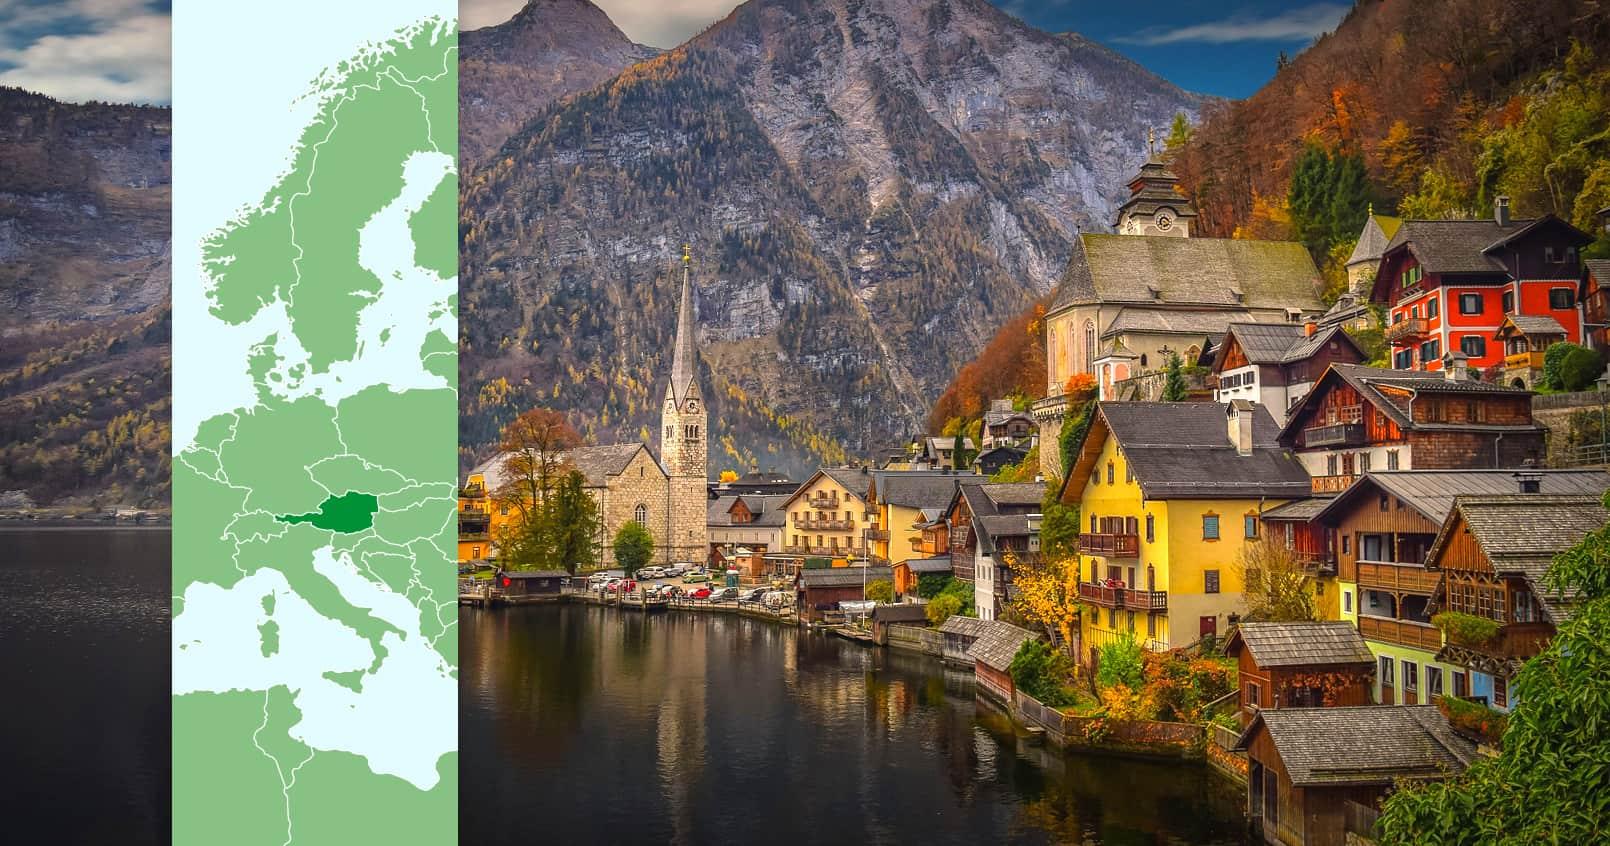 Østerrike, reisDit.no